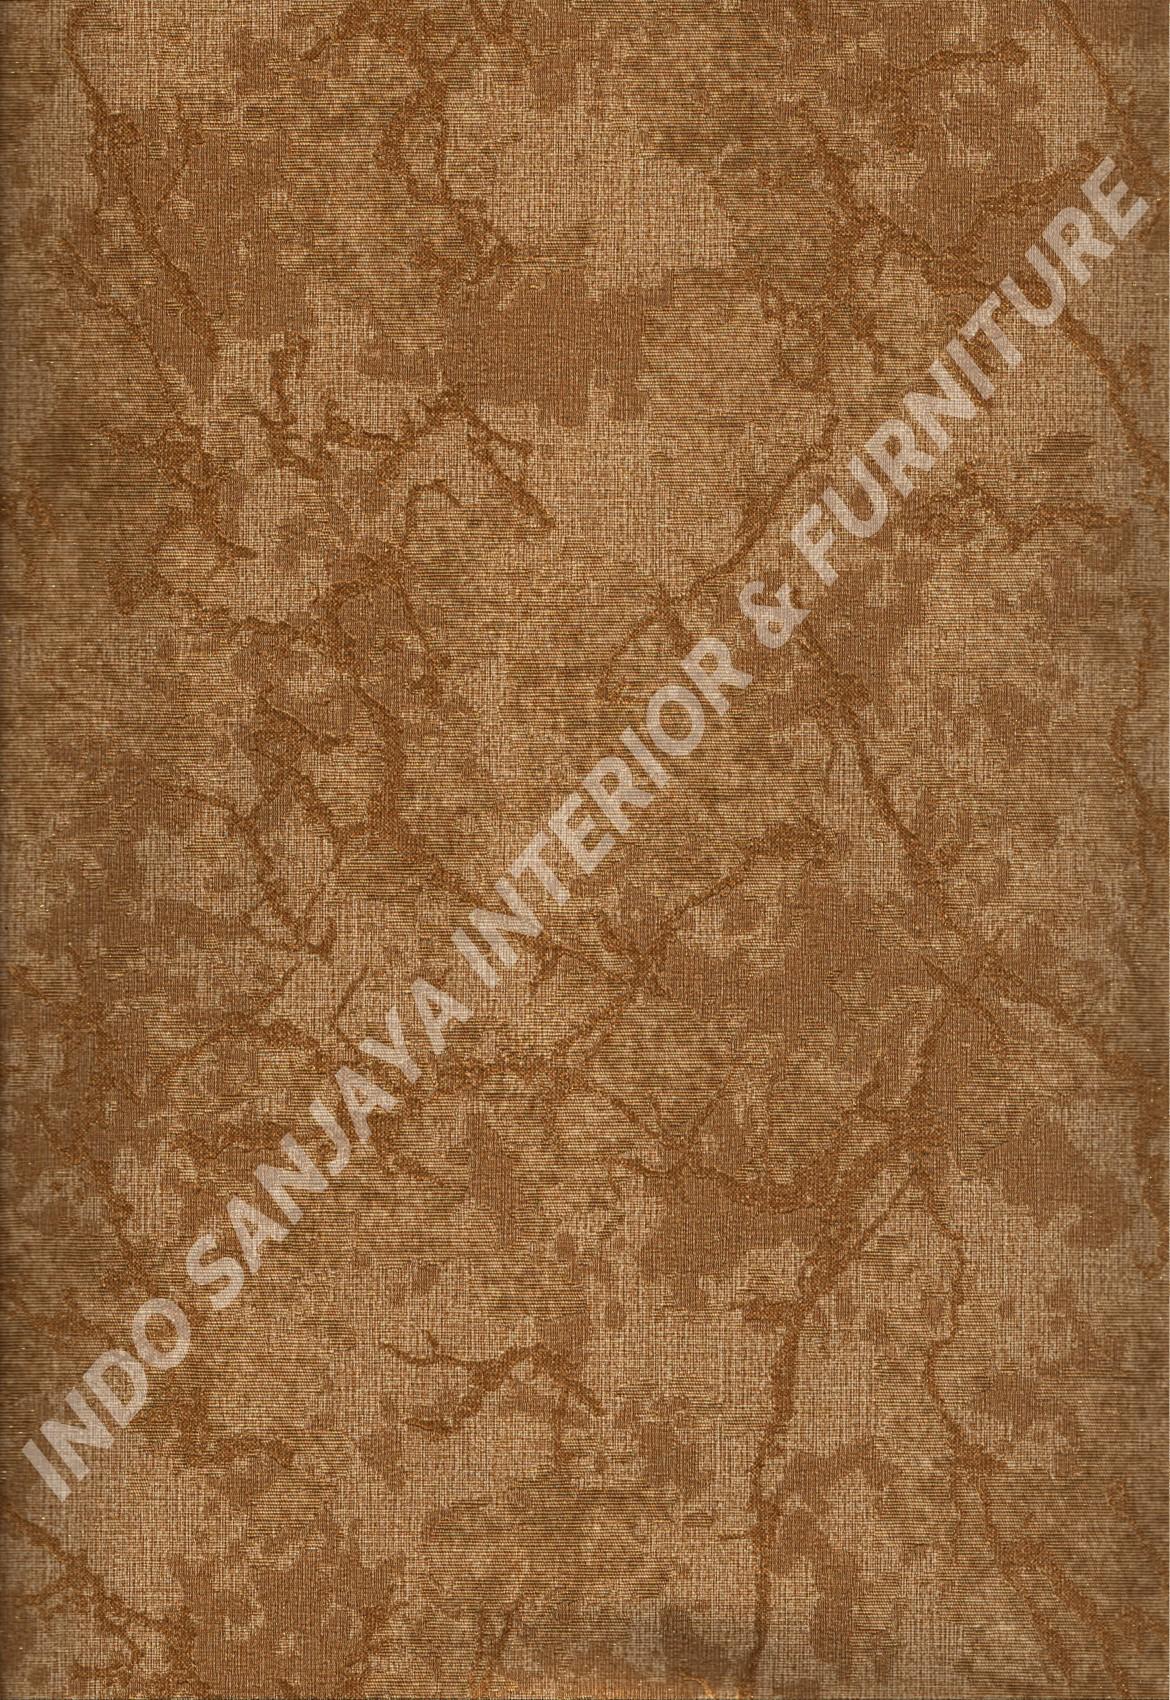 wallpaper   Wallpaper Klasik Batik (Damask) 81124-7:81124-7 corak  warna